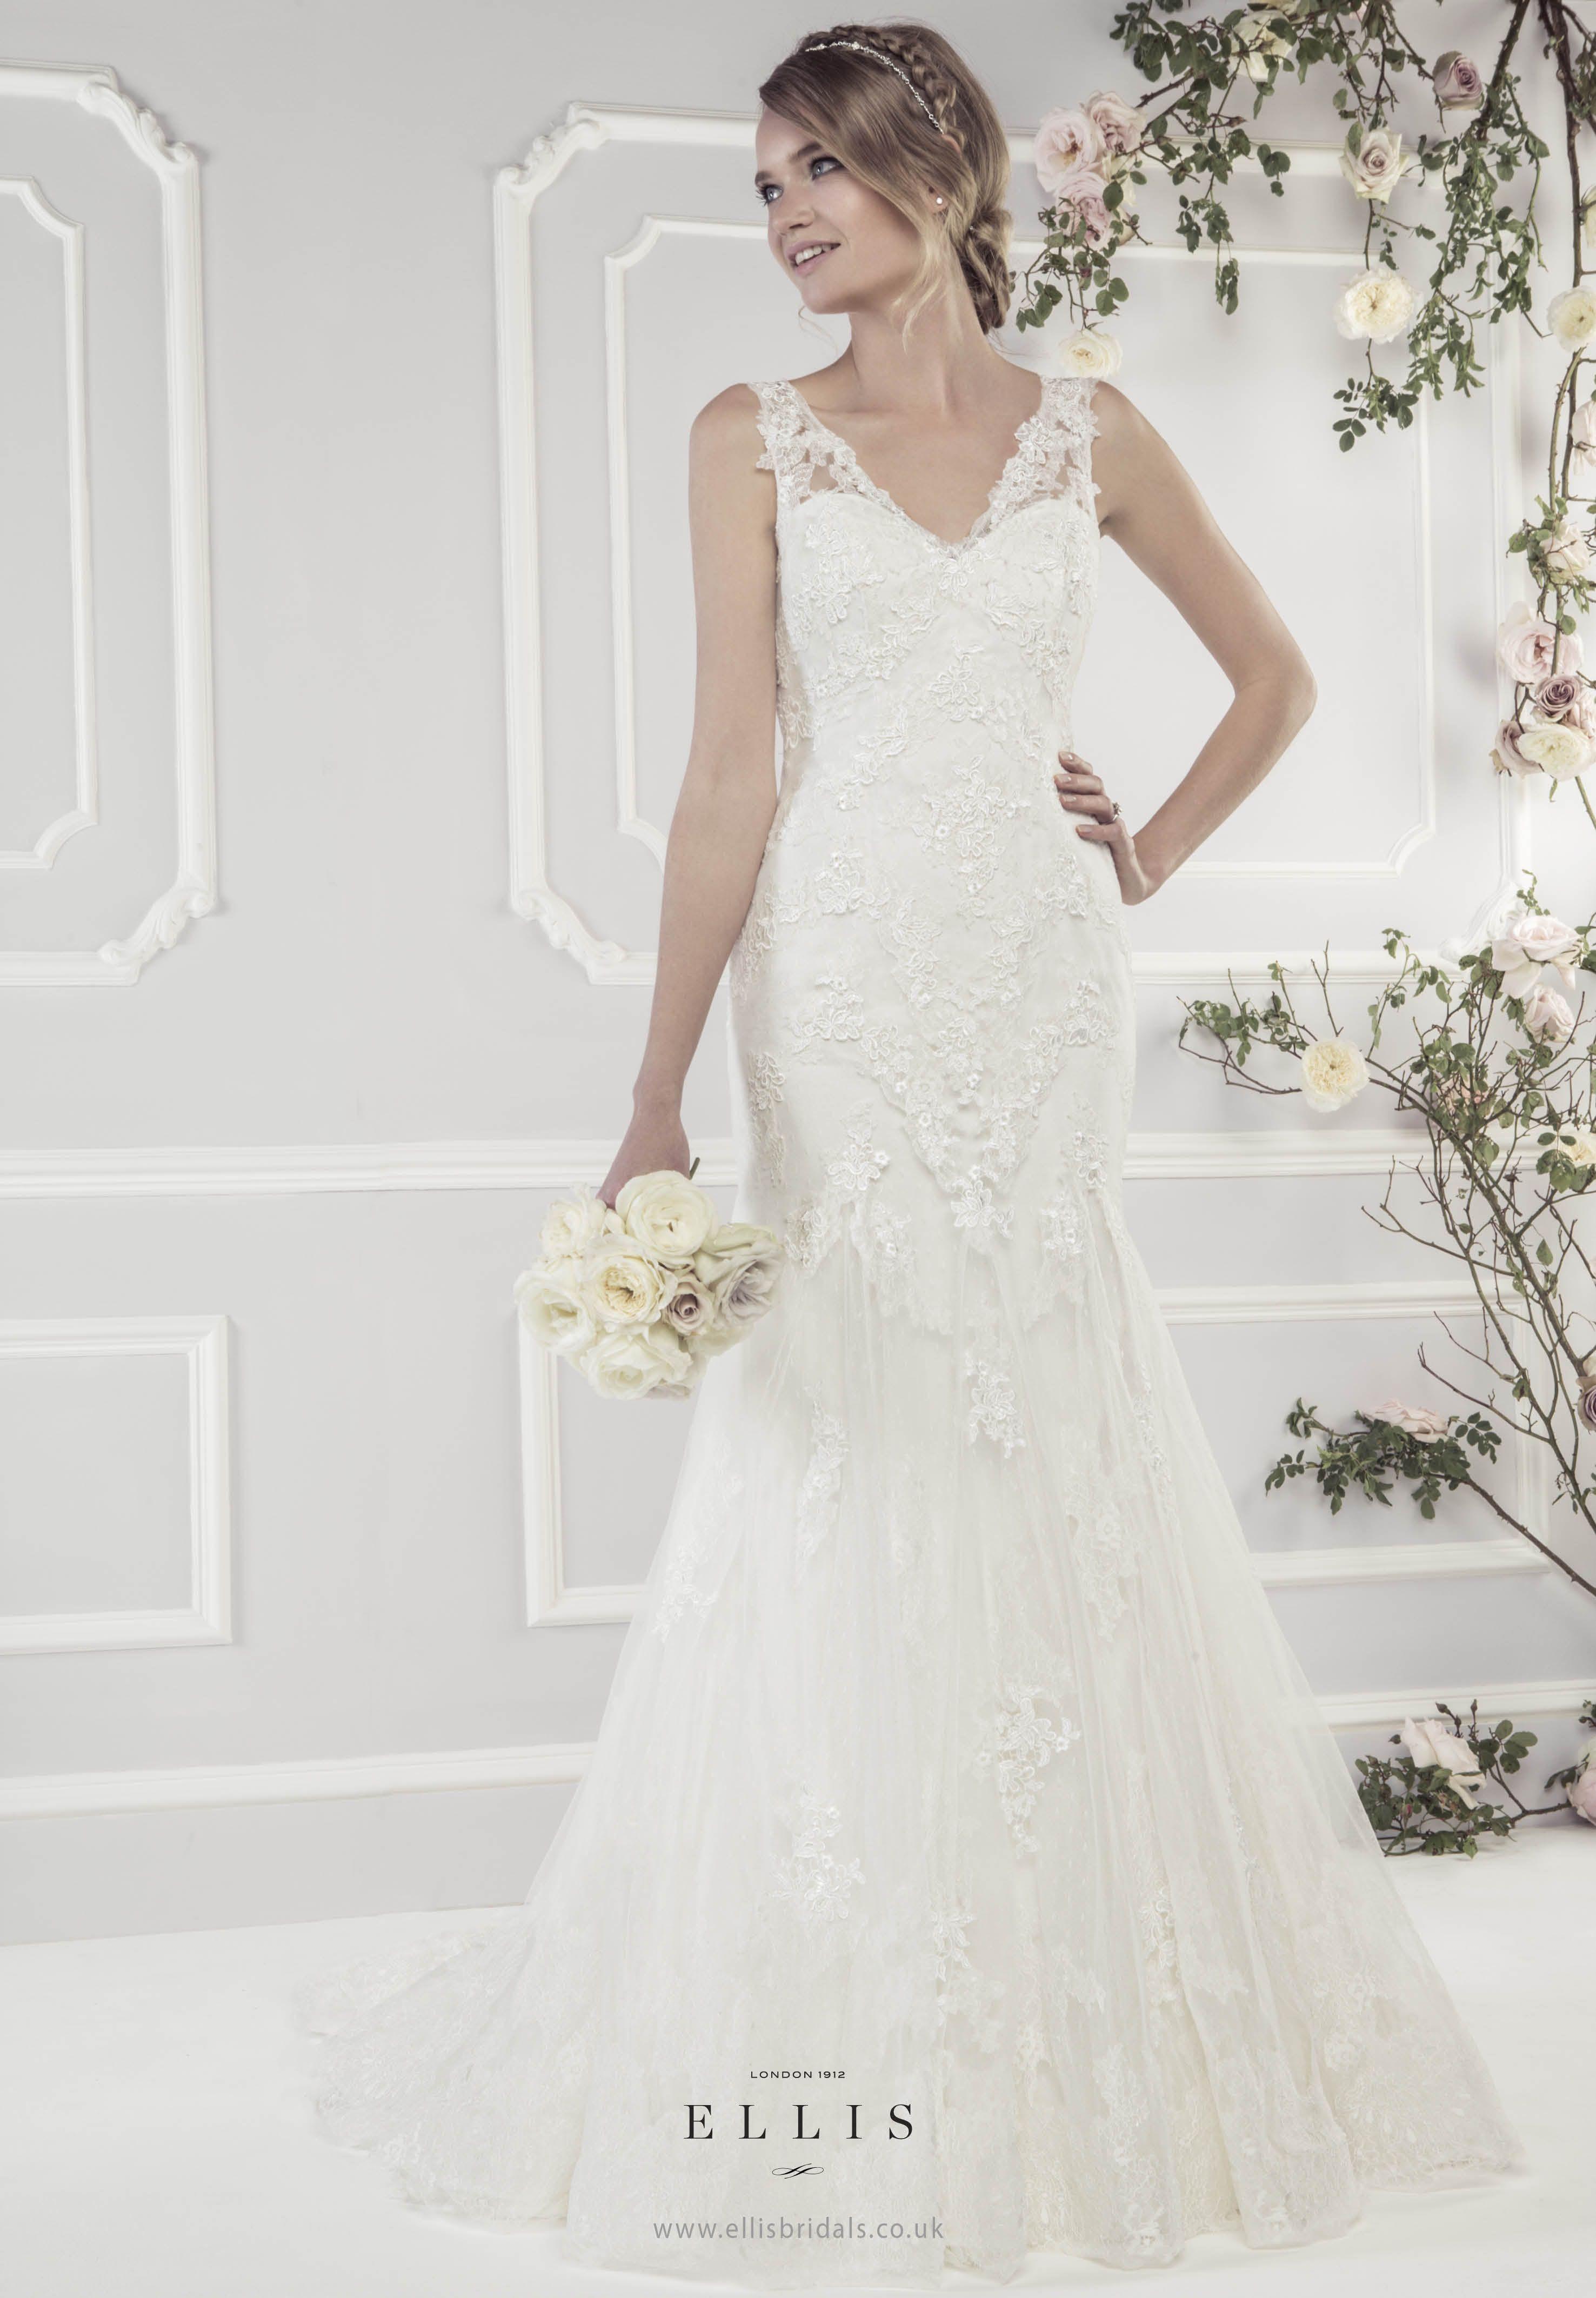 a62a6a79e #Ellis2015 Style 11433 'Elegant Soft Tulle Fluted Dress with Appliqué  Guipure Lace Motifs'